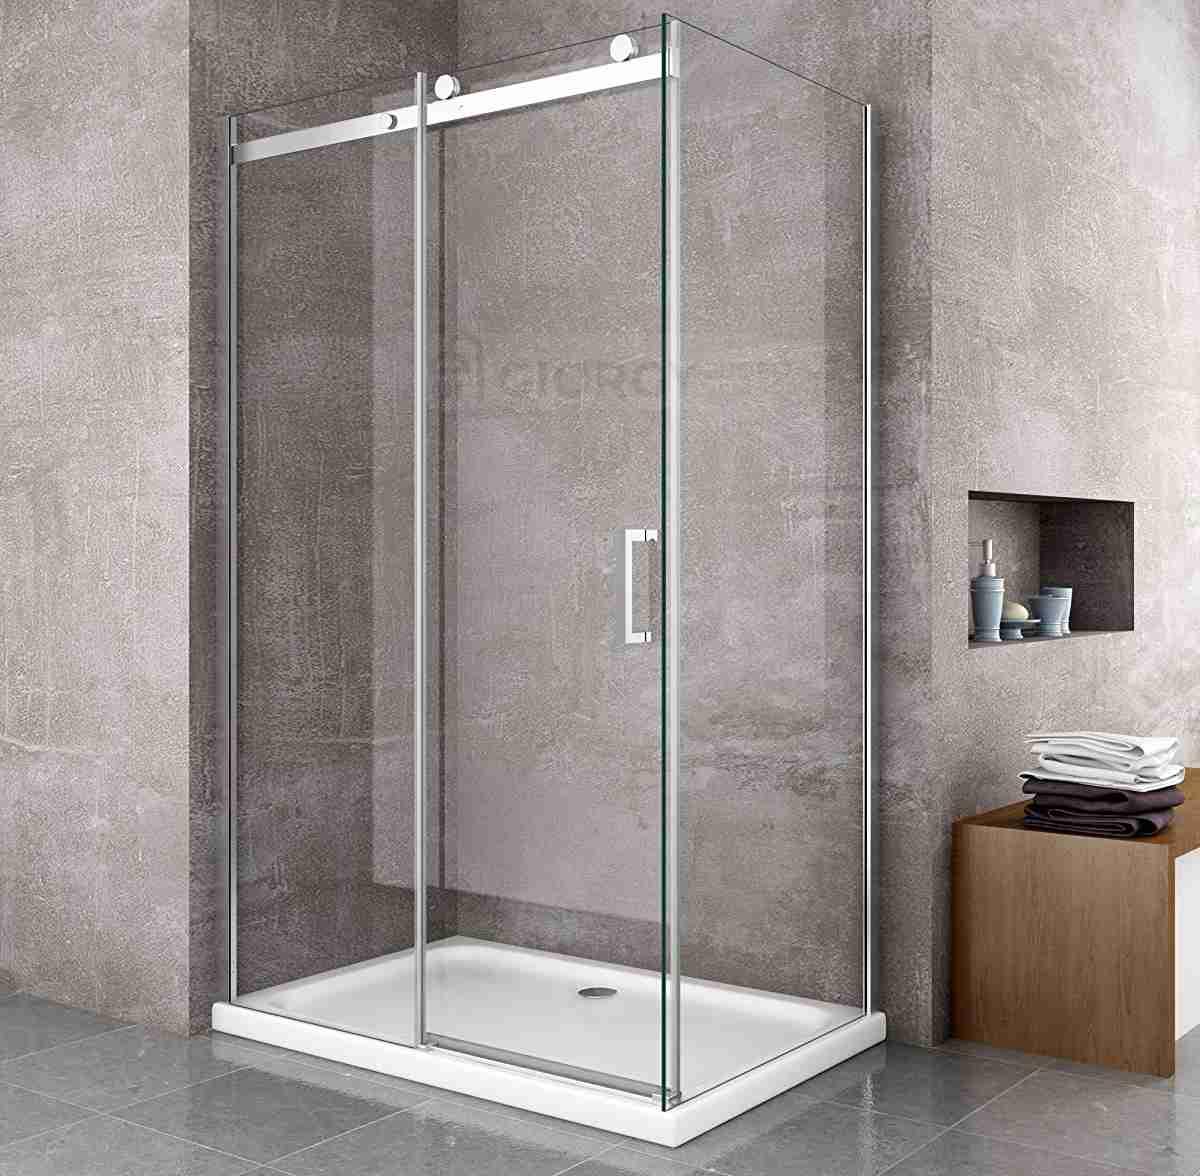 box-doccia-lusso-cristallo-temperato-8mm-porta-scorrevole-telaio-alluminio